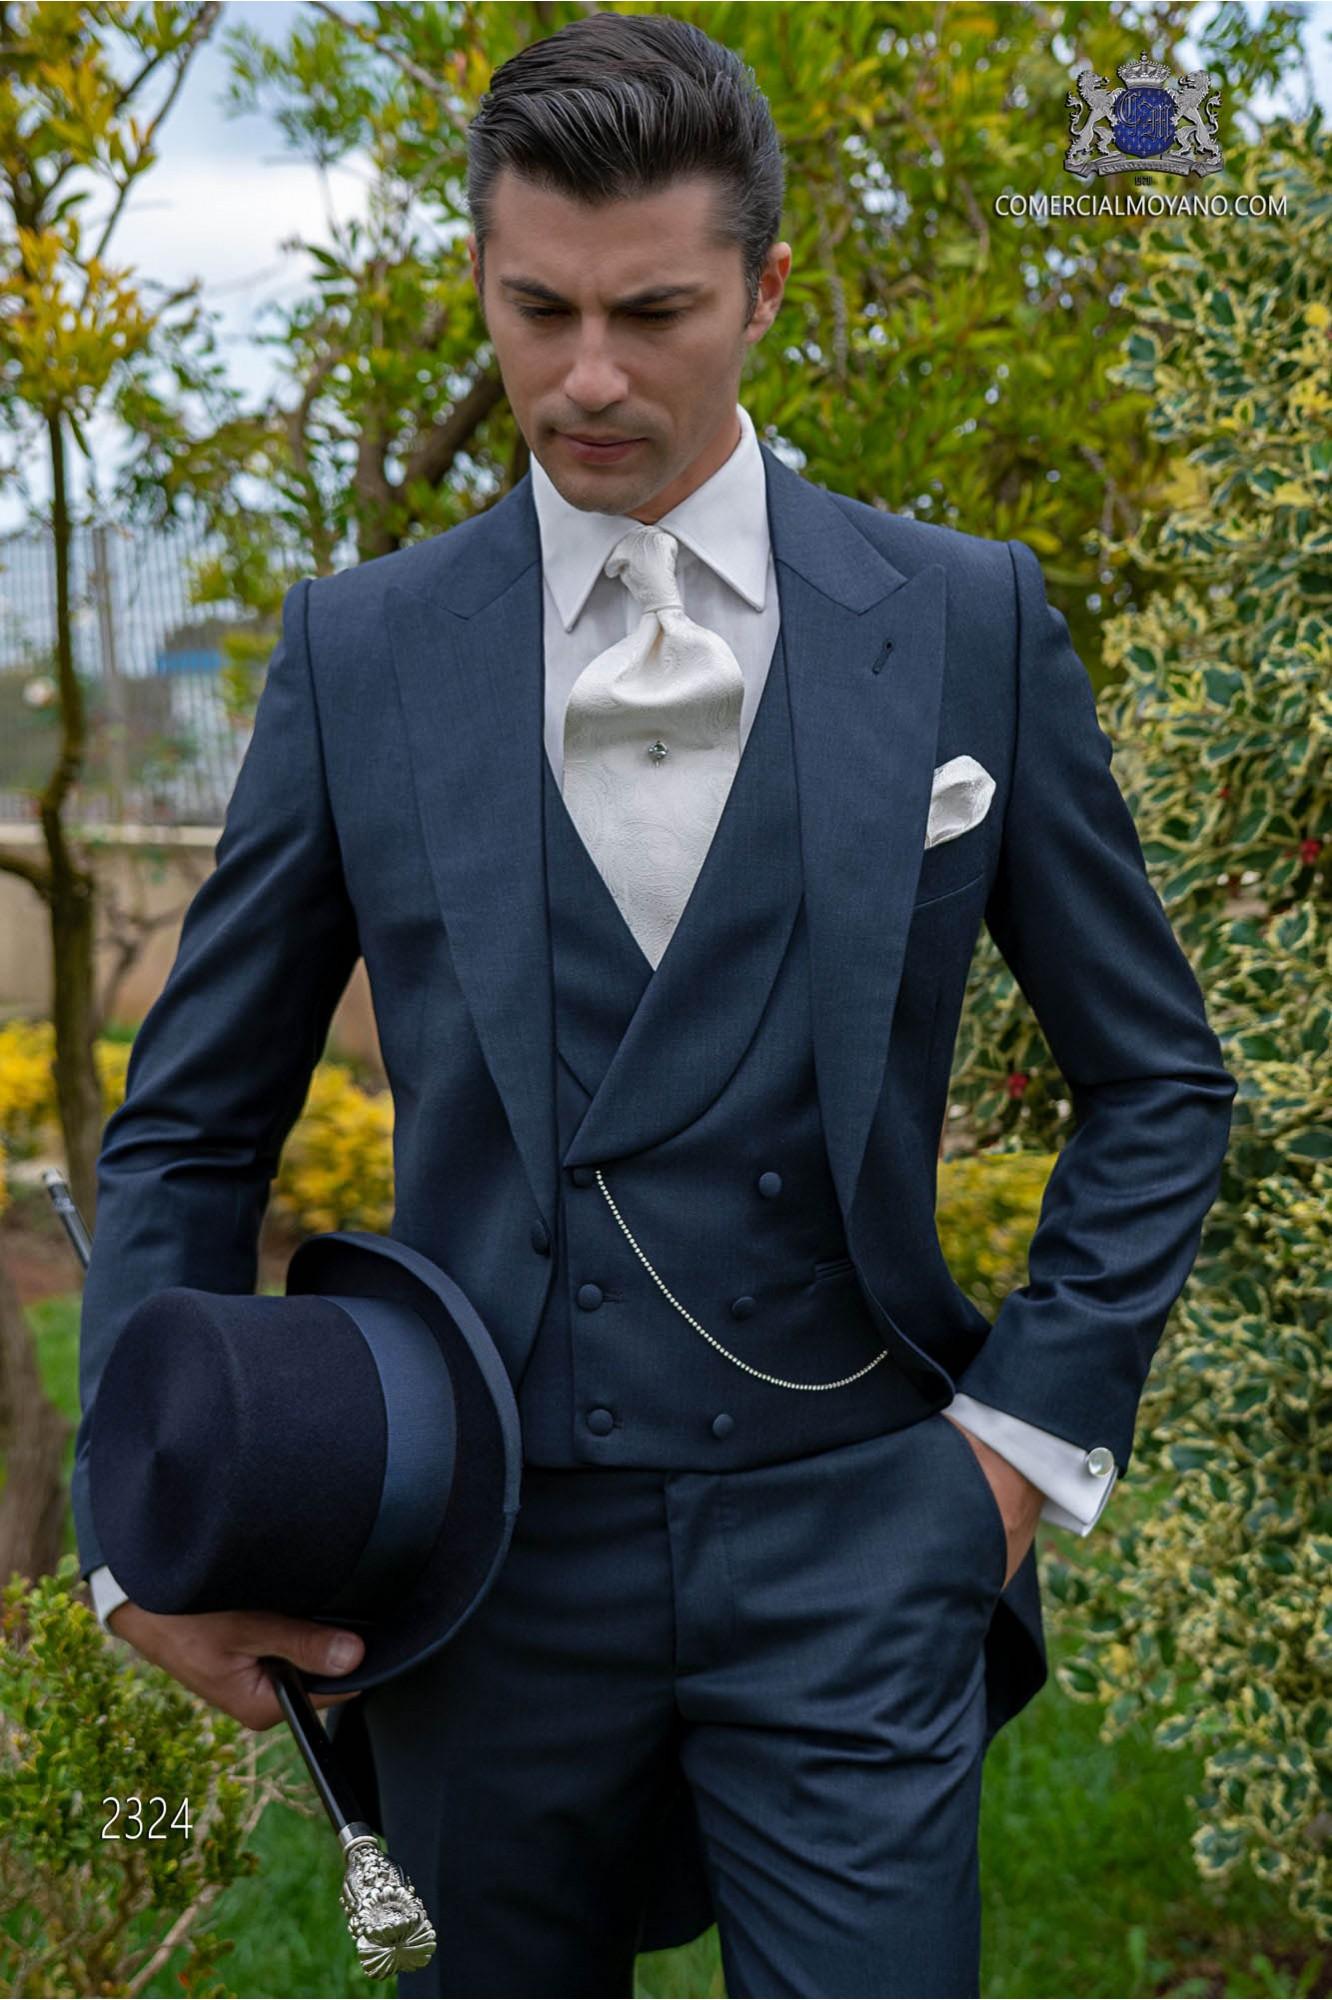 niedrigerer Preis mit große Auswahl von 2019 Heiß-Verkauf am neuesten Blaue cut Anzug